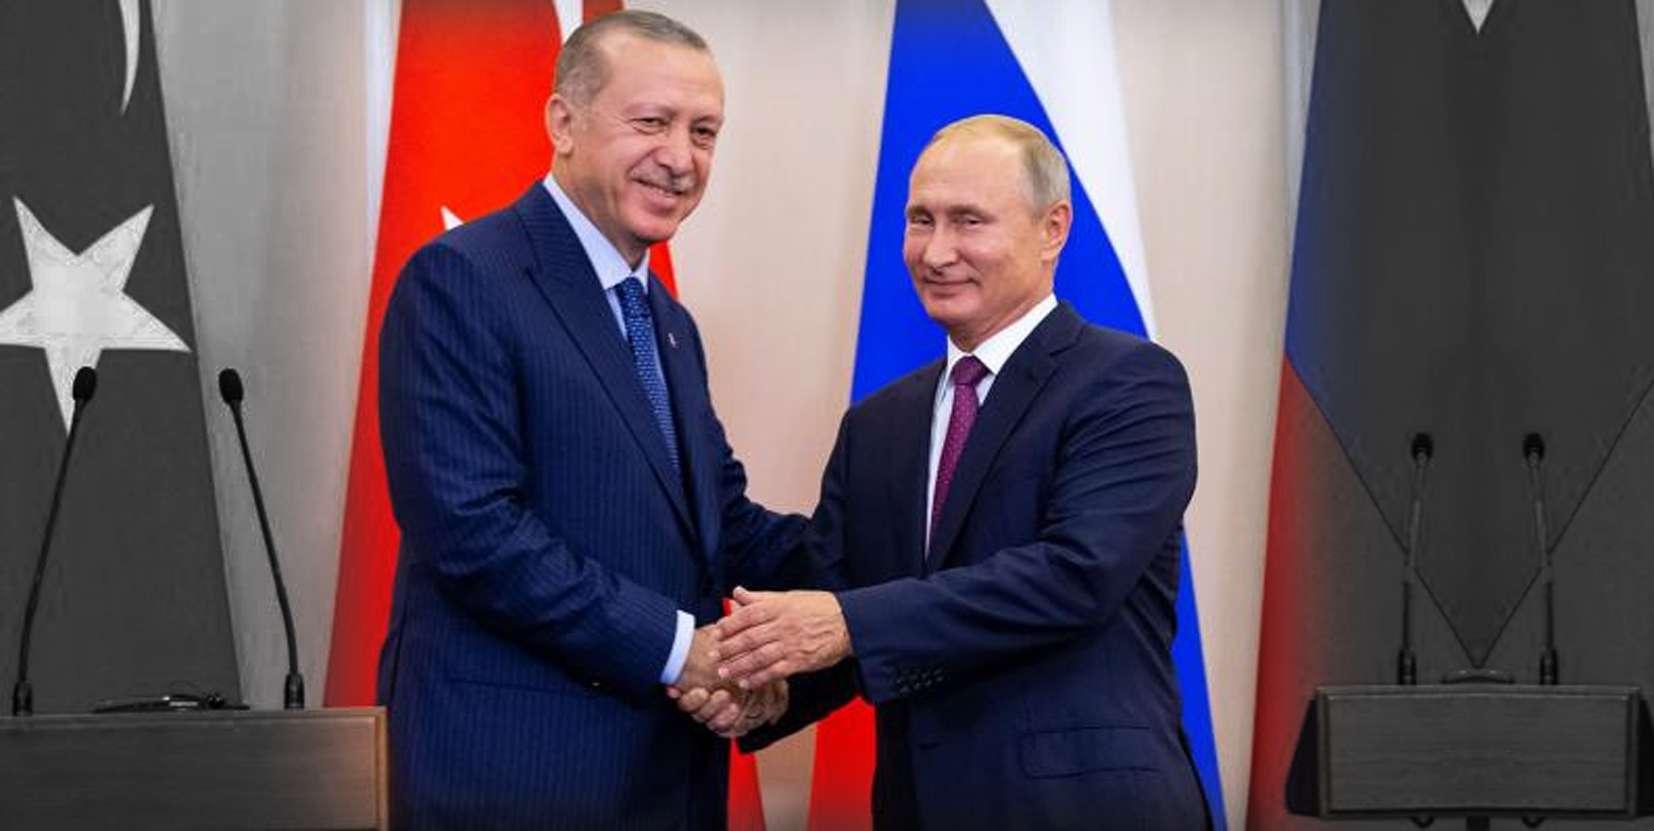 ΤΟΥΡΚΙΑ-ΡΩΣΙΑ: Στη Μόσχα τις επόμενες μέρες ο Ερντογάν για συνομιλίες με τον Πούτιν για τη Συρία